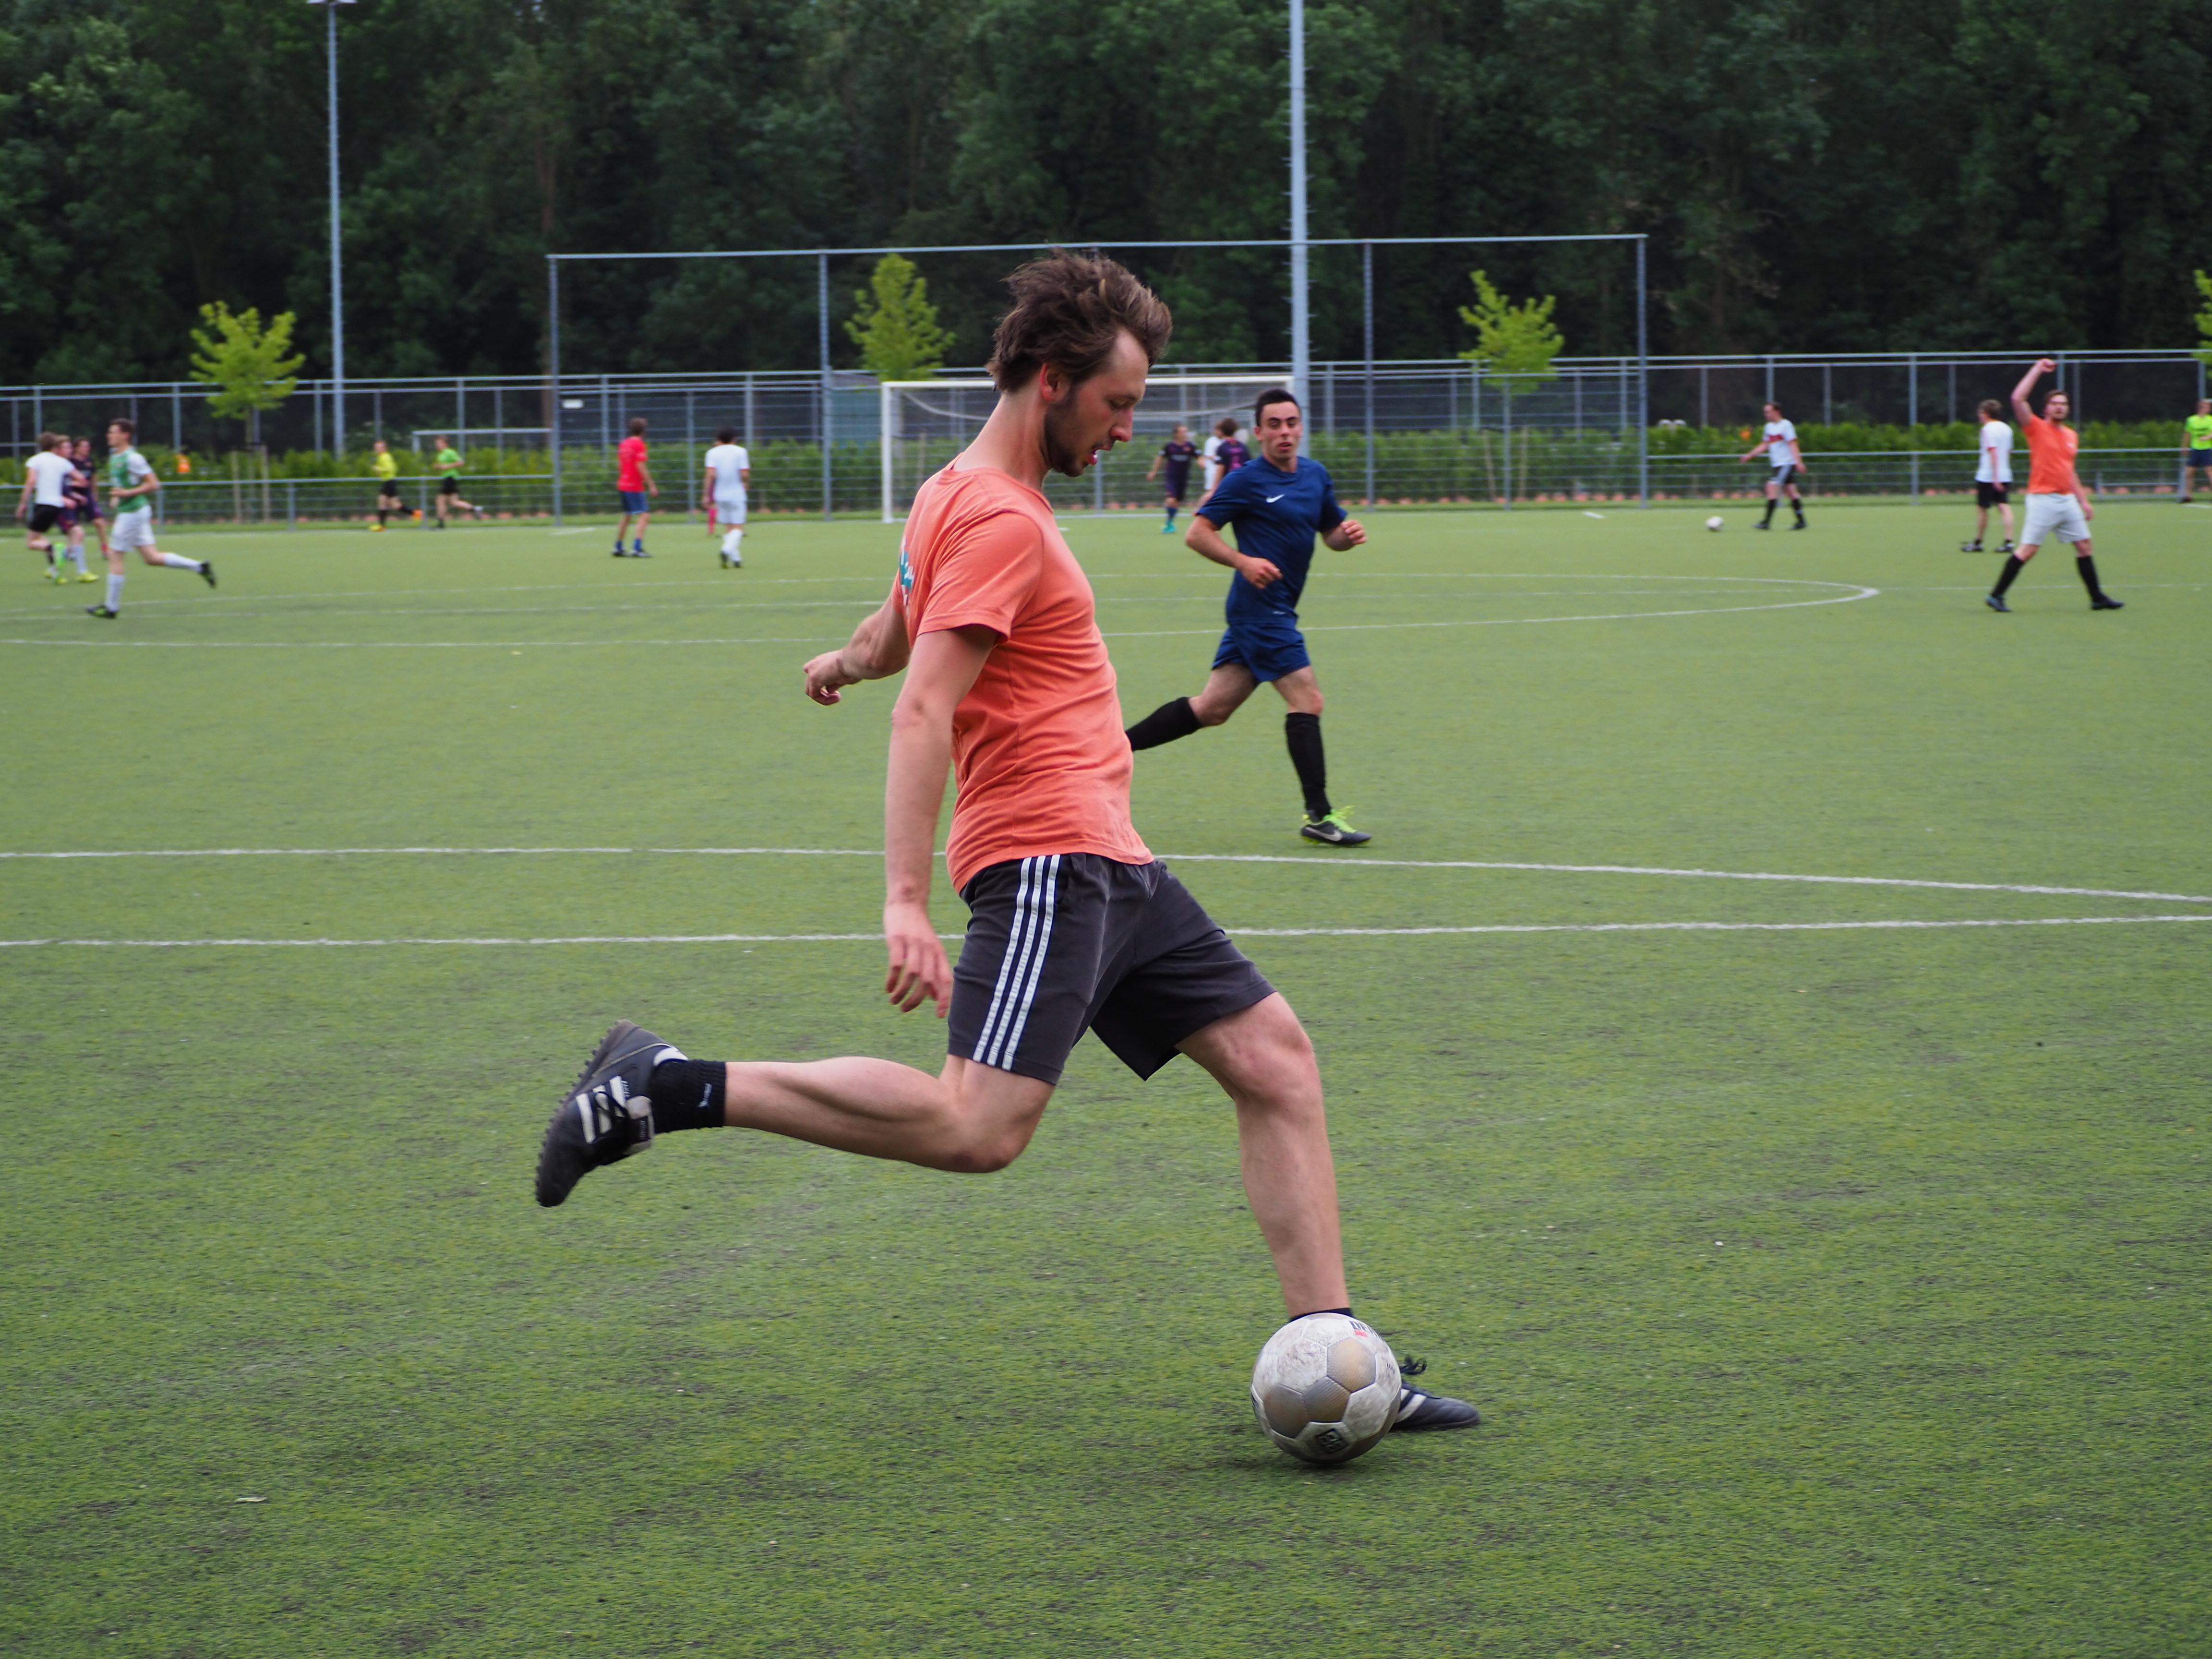 Het VGSD voetbalteam